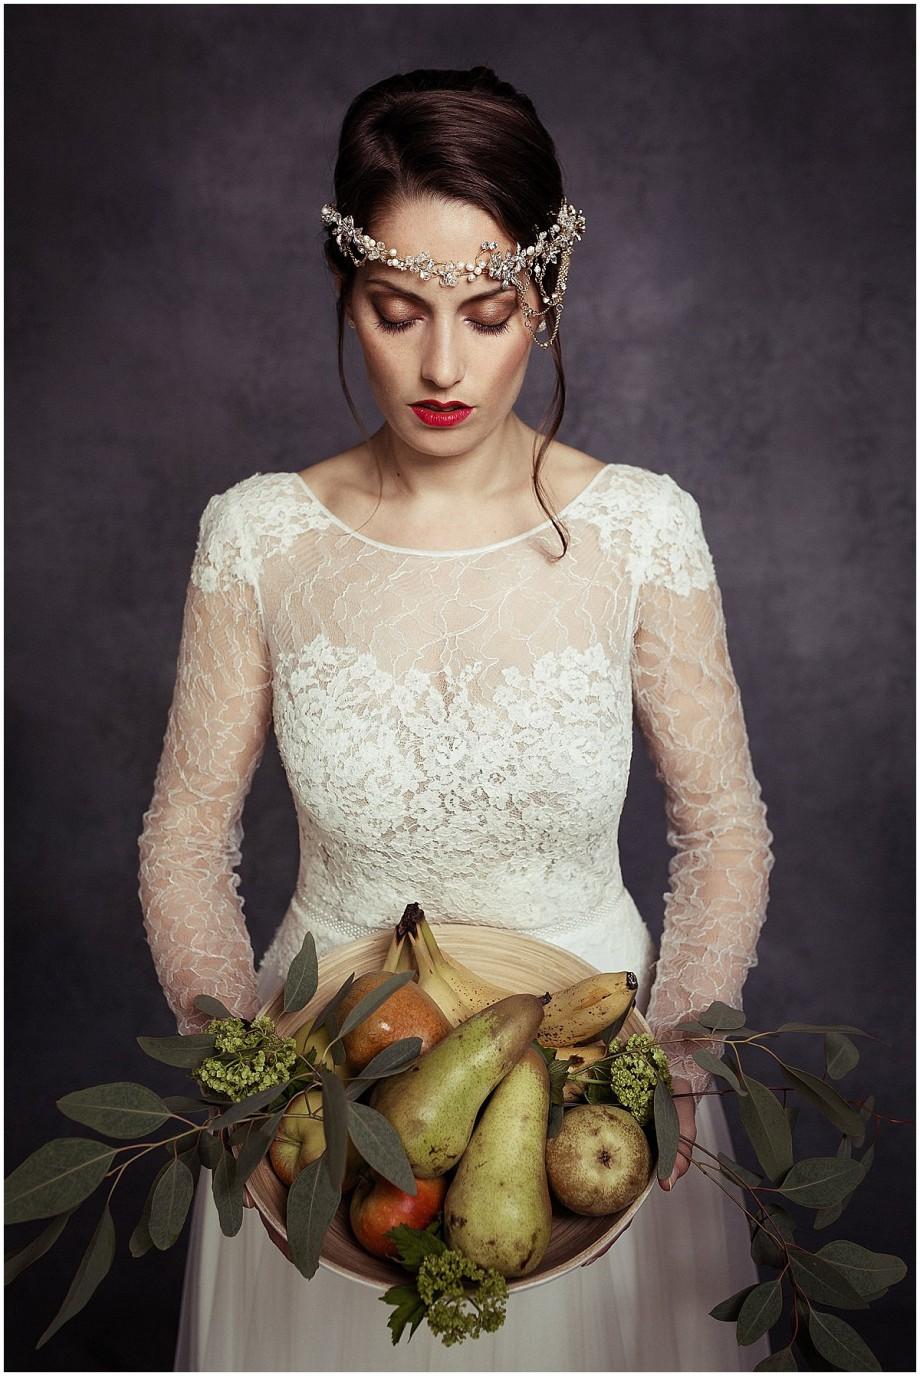 LaChia Haarschmuck für die Hochzeit |Verrueckt nach Hochzeit | Foto: Nicole Mattinger